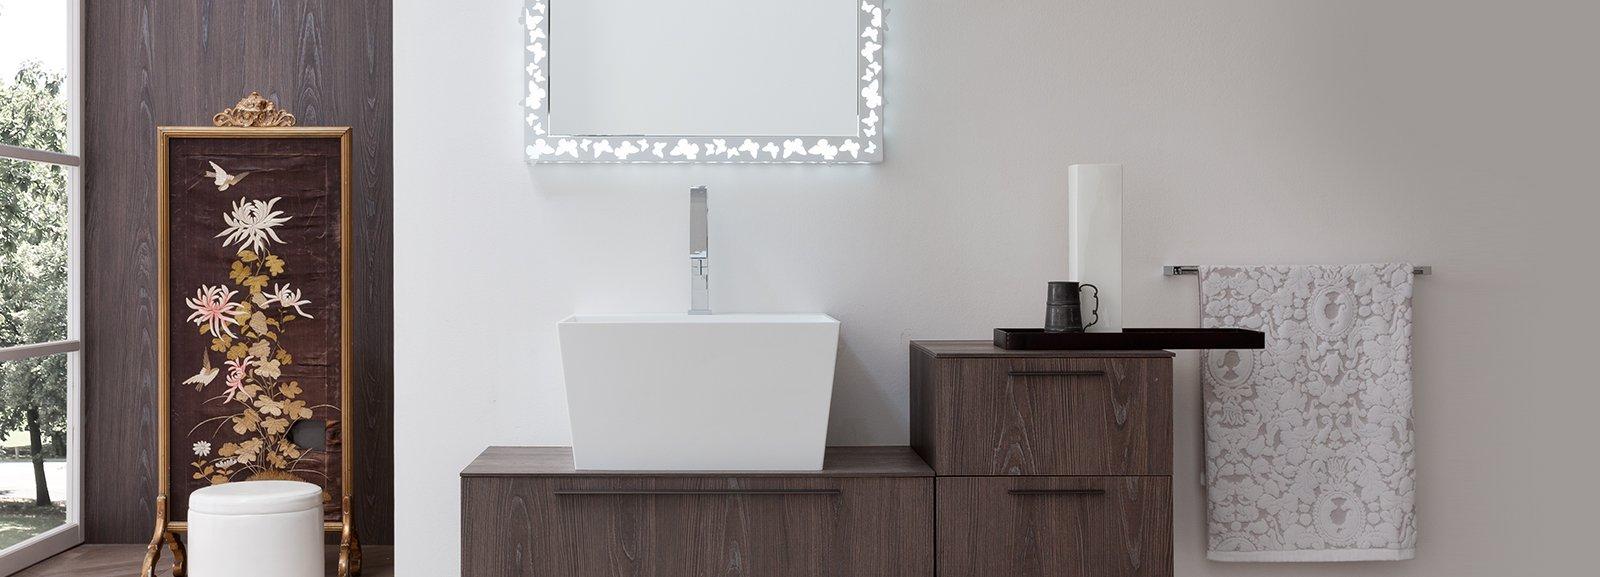 Accessori Bagno Di Marca : Accessori bagno di lusso vasca con casa